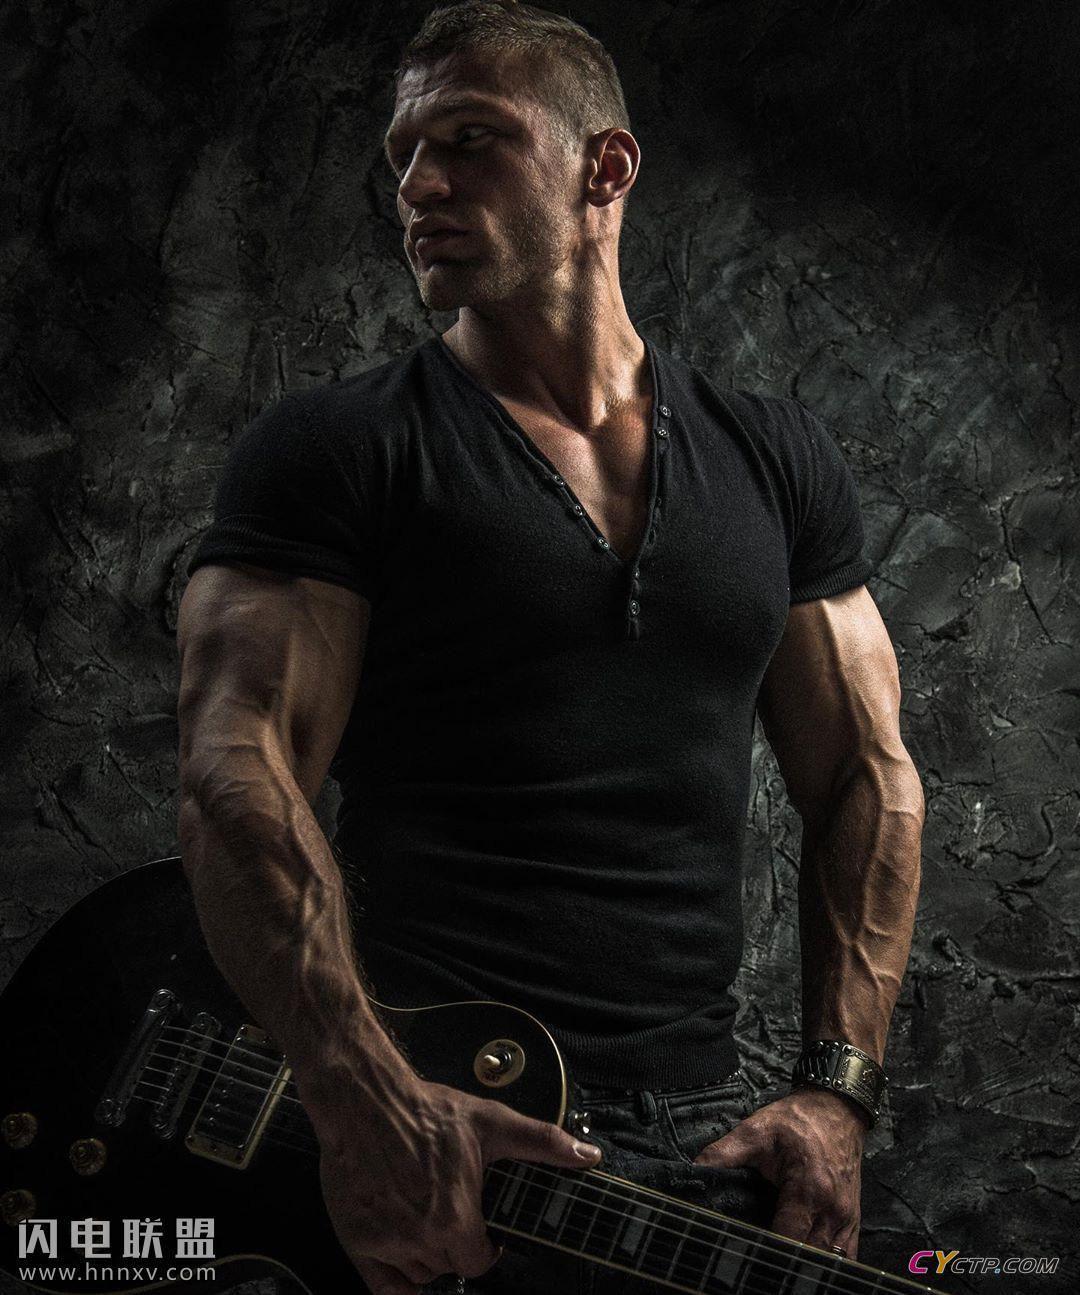 欧美肌肉猛男Nik Aleksandrov性感个人写真图片